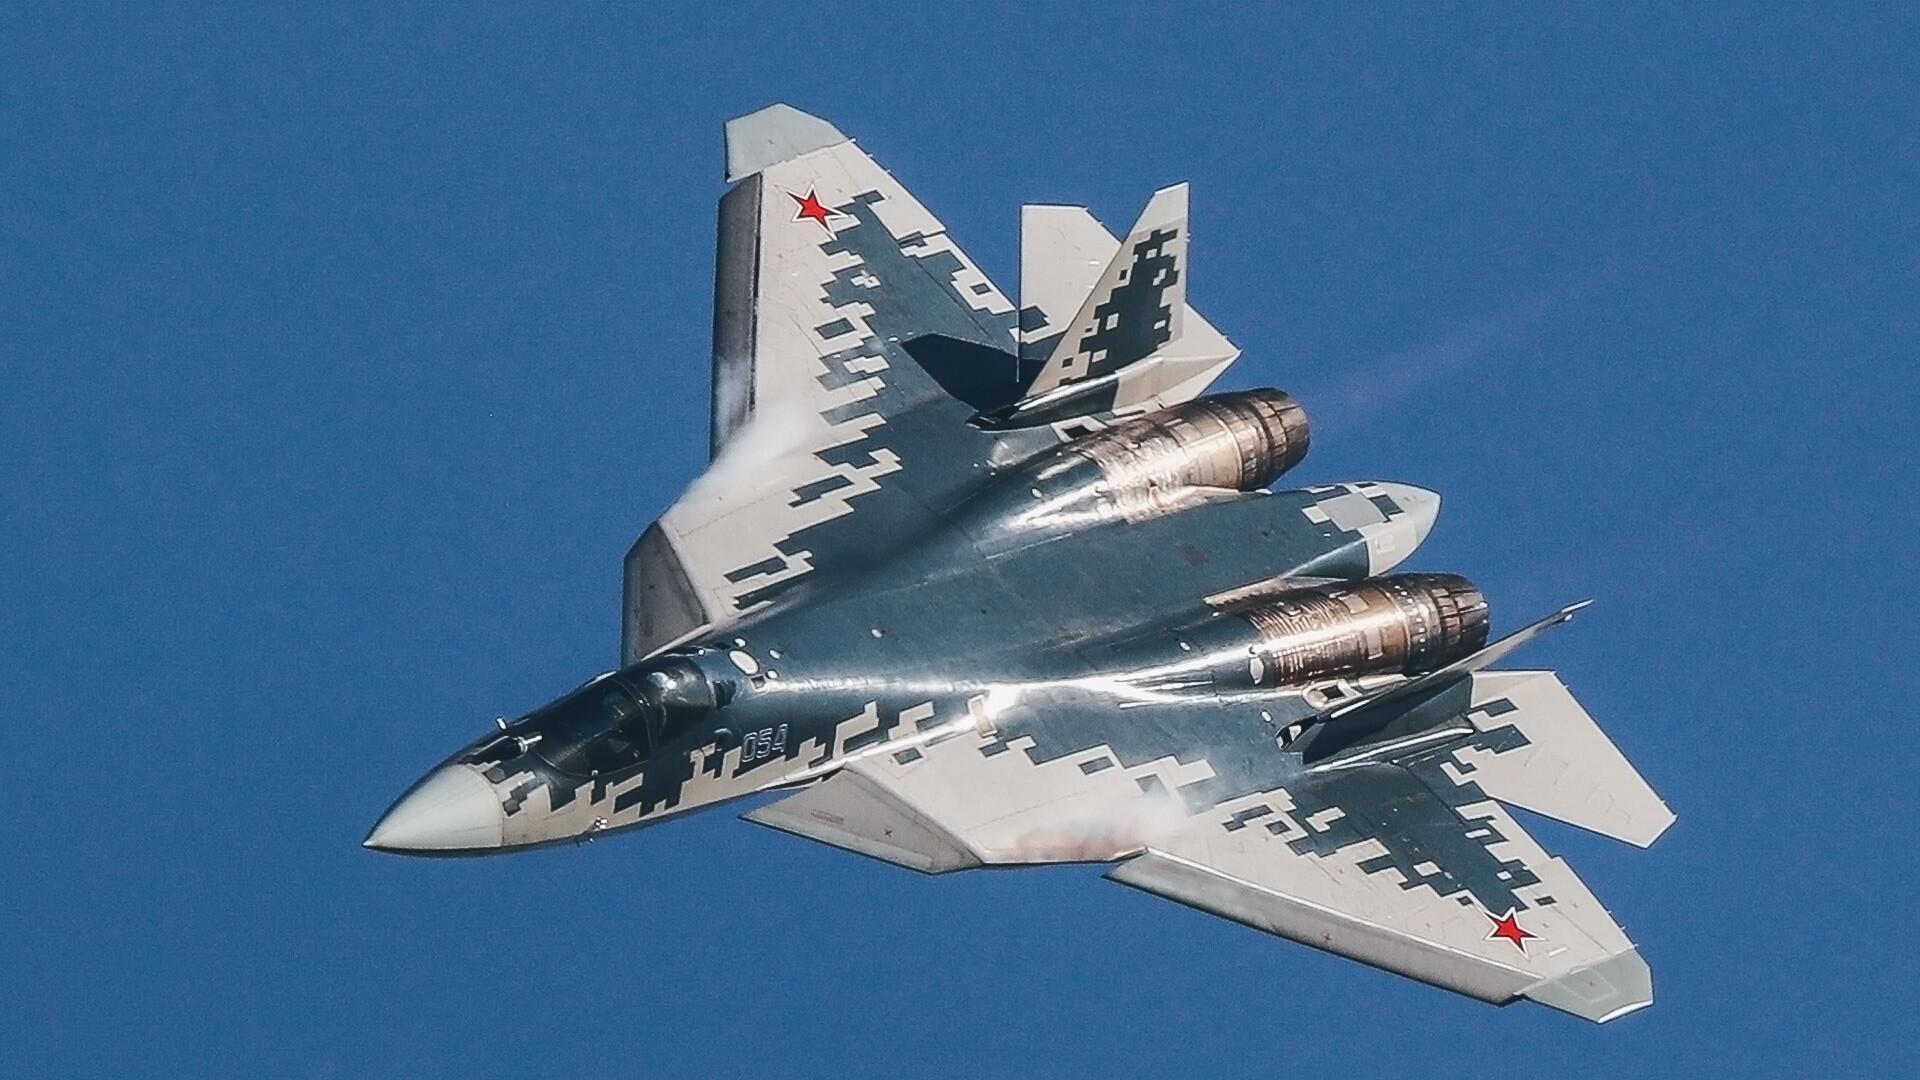 印度为何拒绝俄苏57战机?印军列出该机一连串缺陷